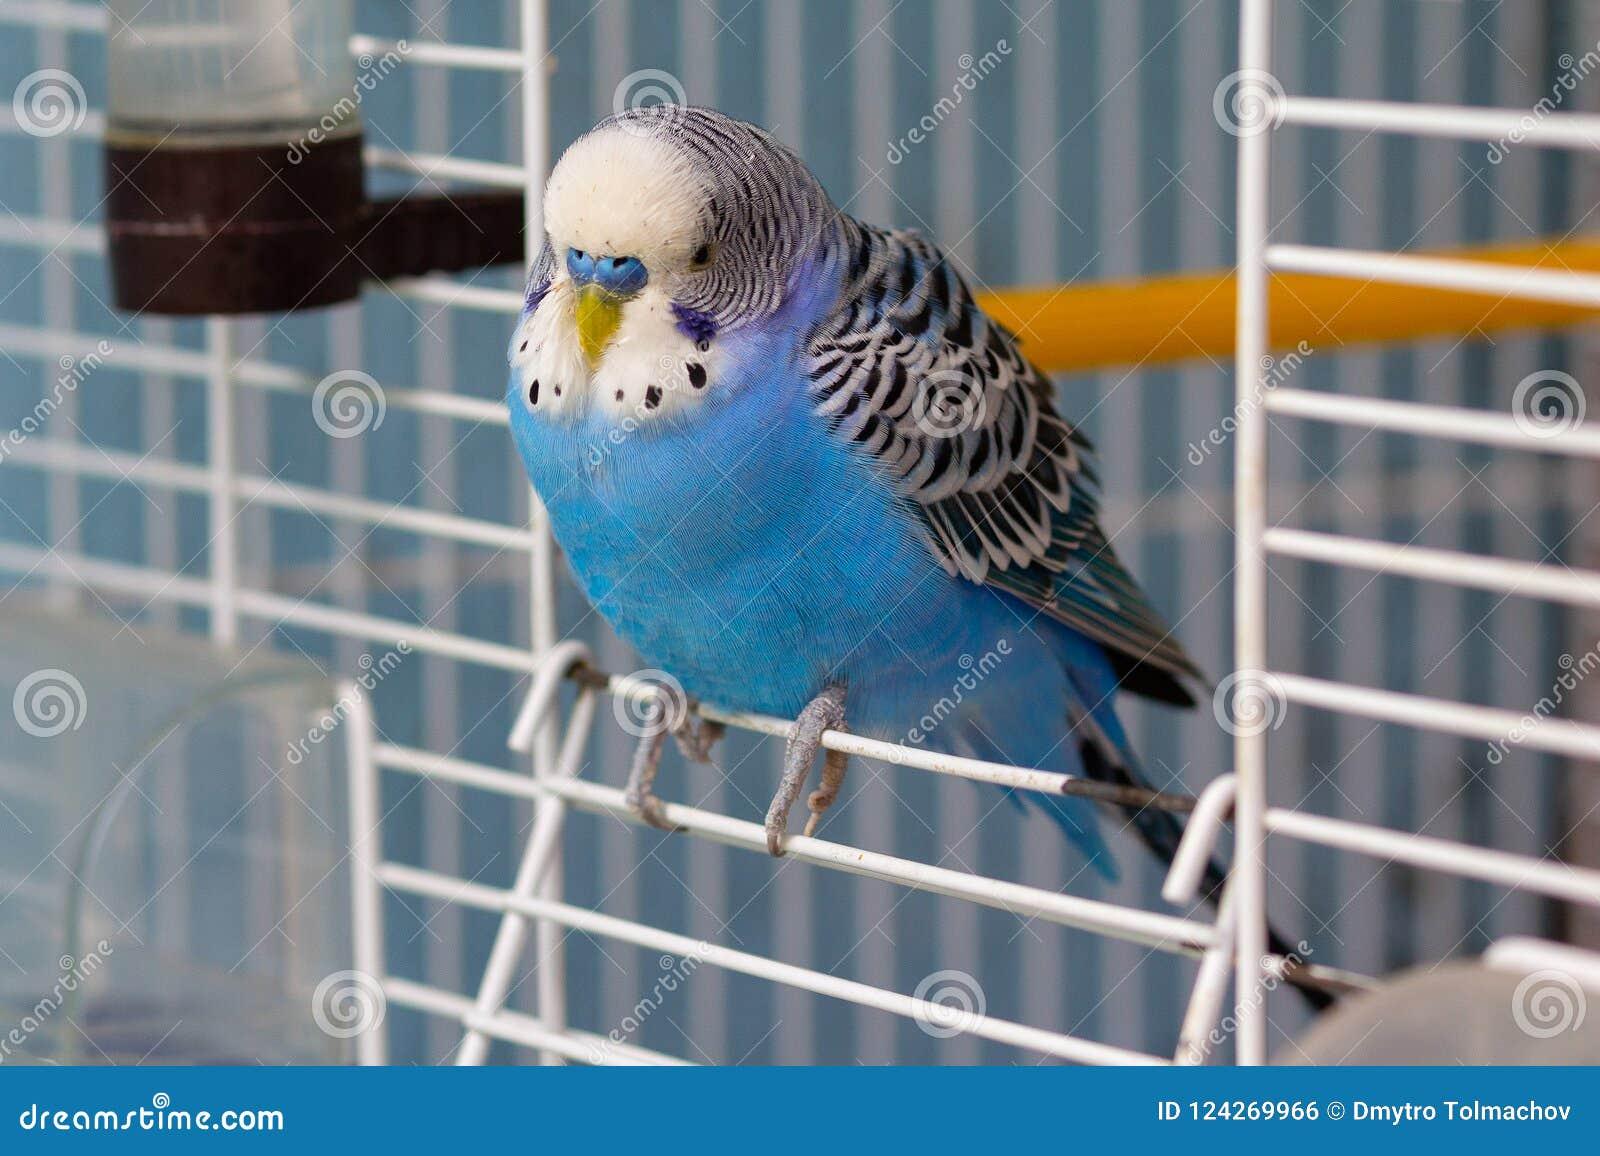 蓝色波浪鹦鹉坐在笼子的出口